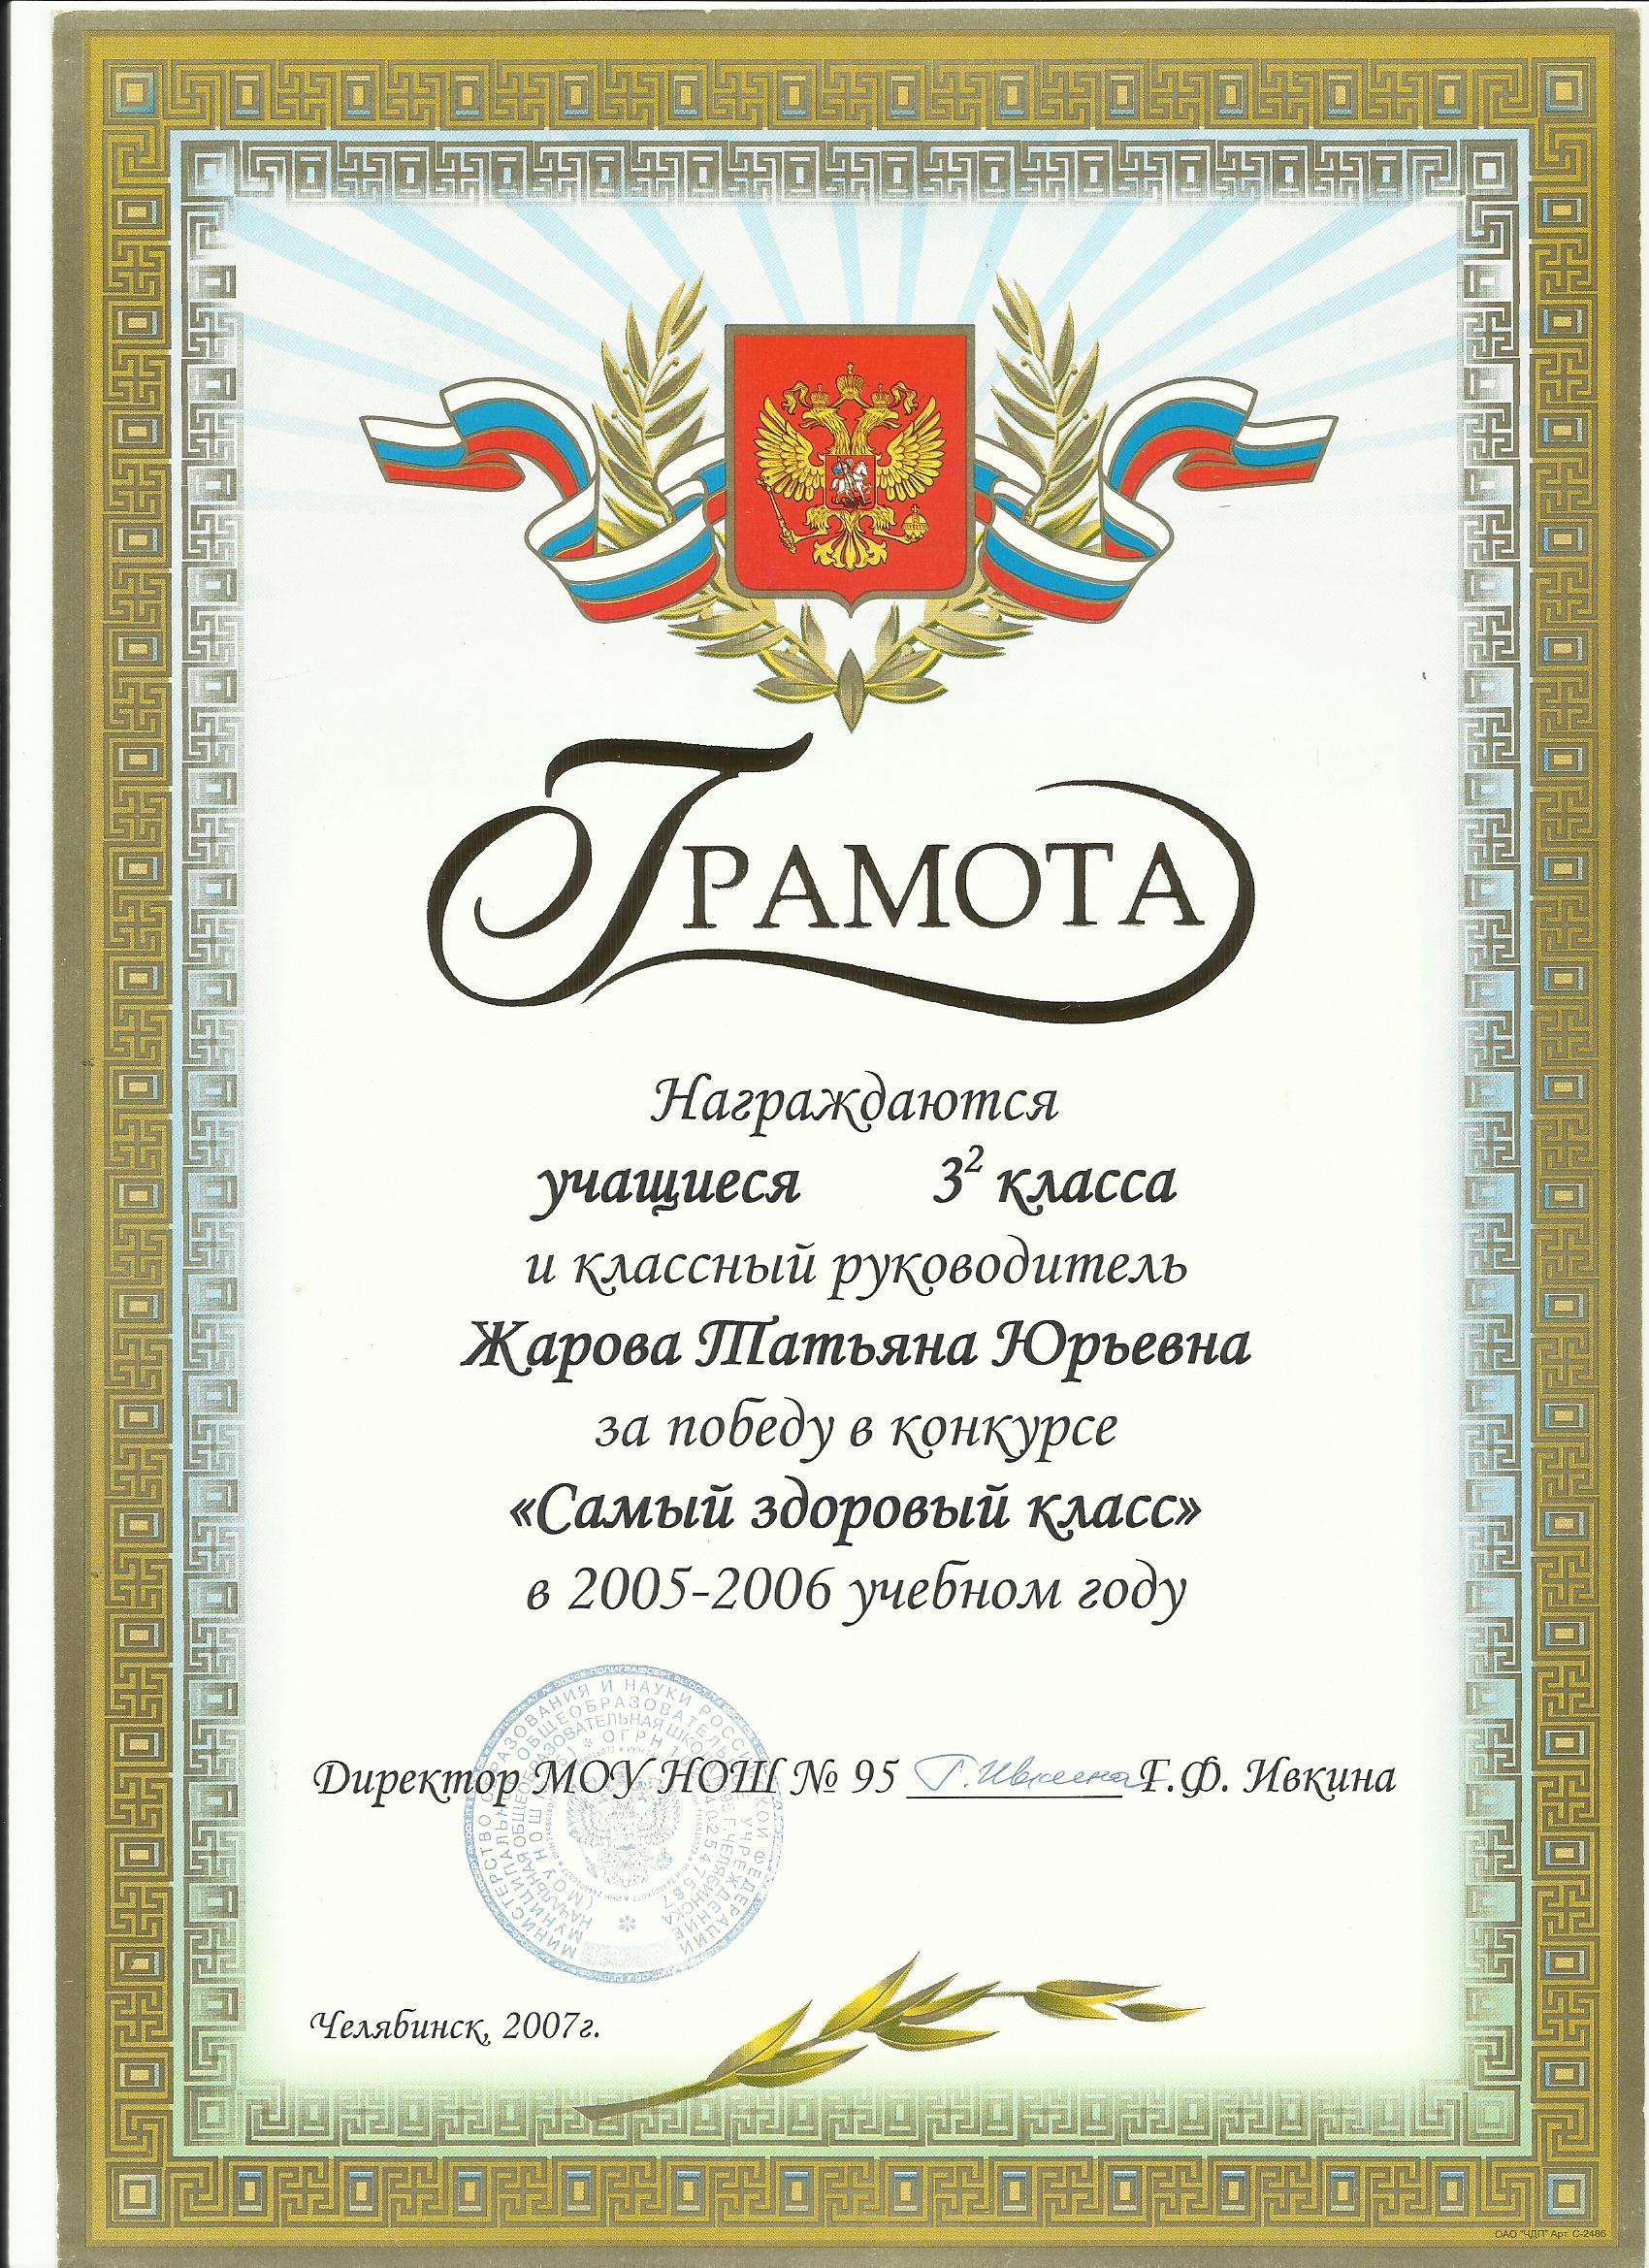 Образец дипломов и сертификатов - d2f4c